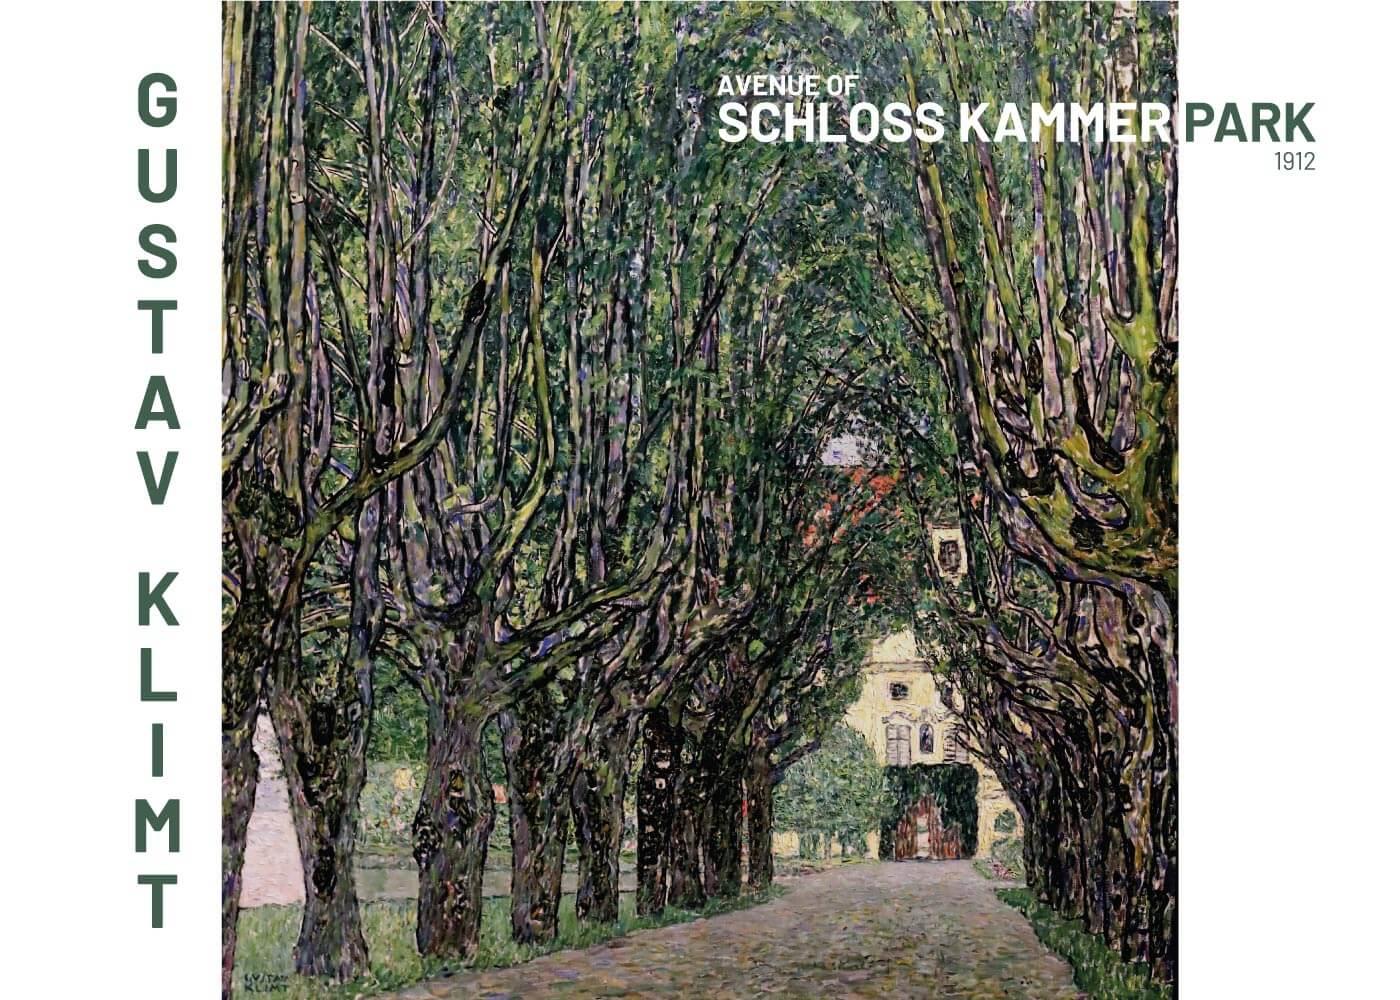 Billede af Schloss kammer park - Gustav Klimt